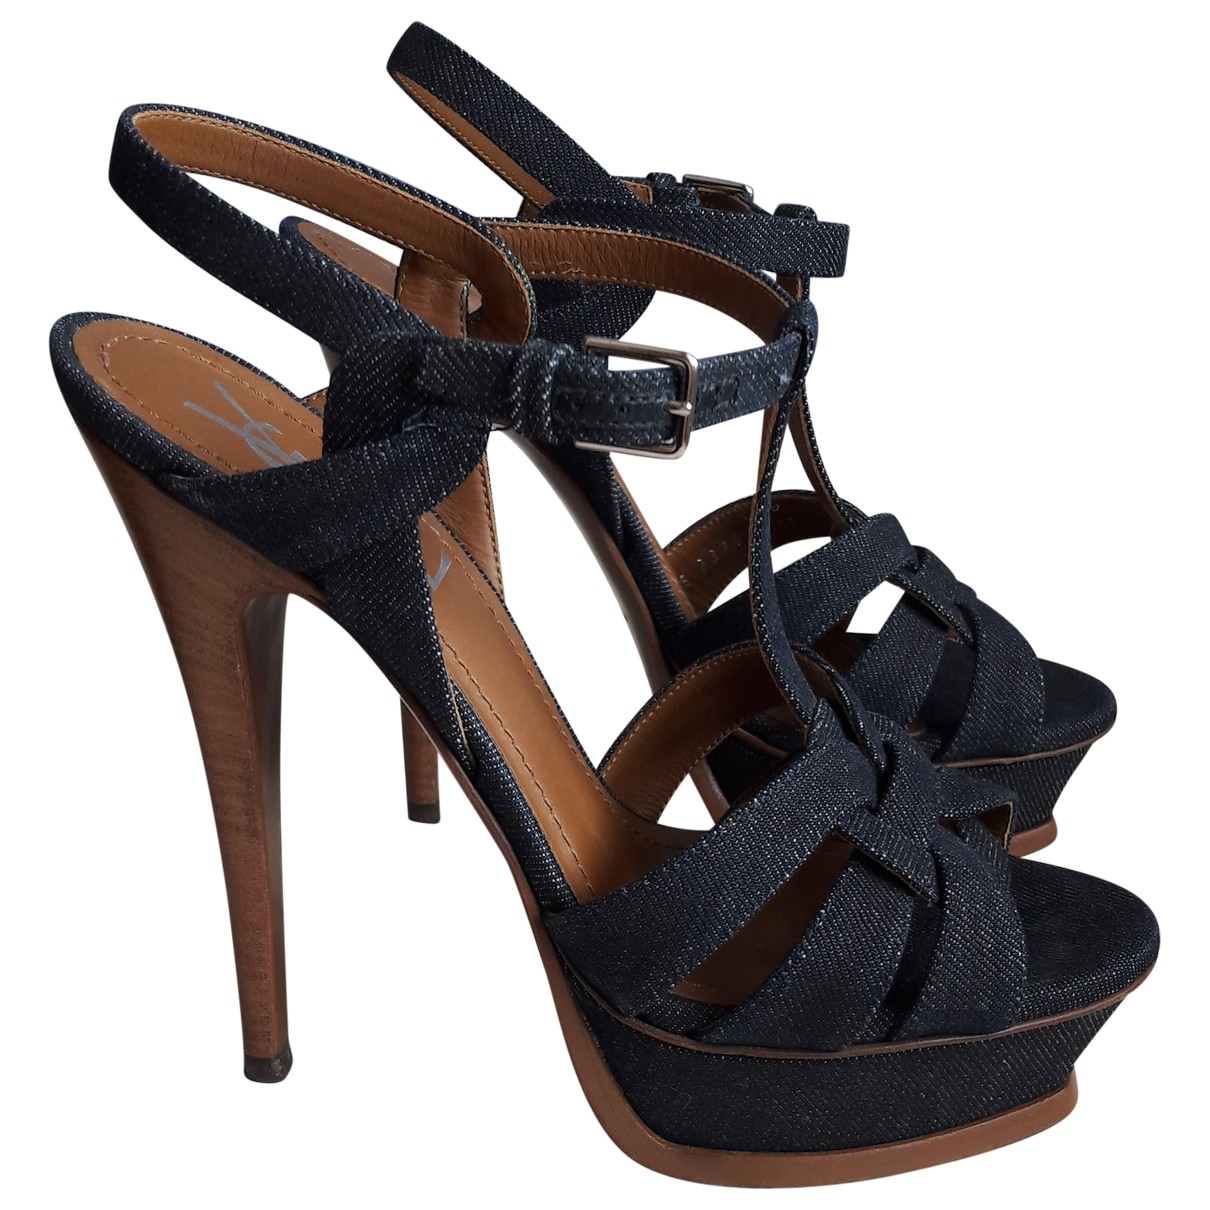 Yves Saint Laurent Tribute Blue Leather Sandals for Women 37 EU